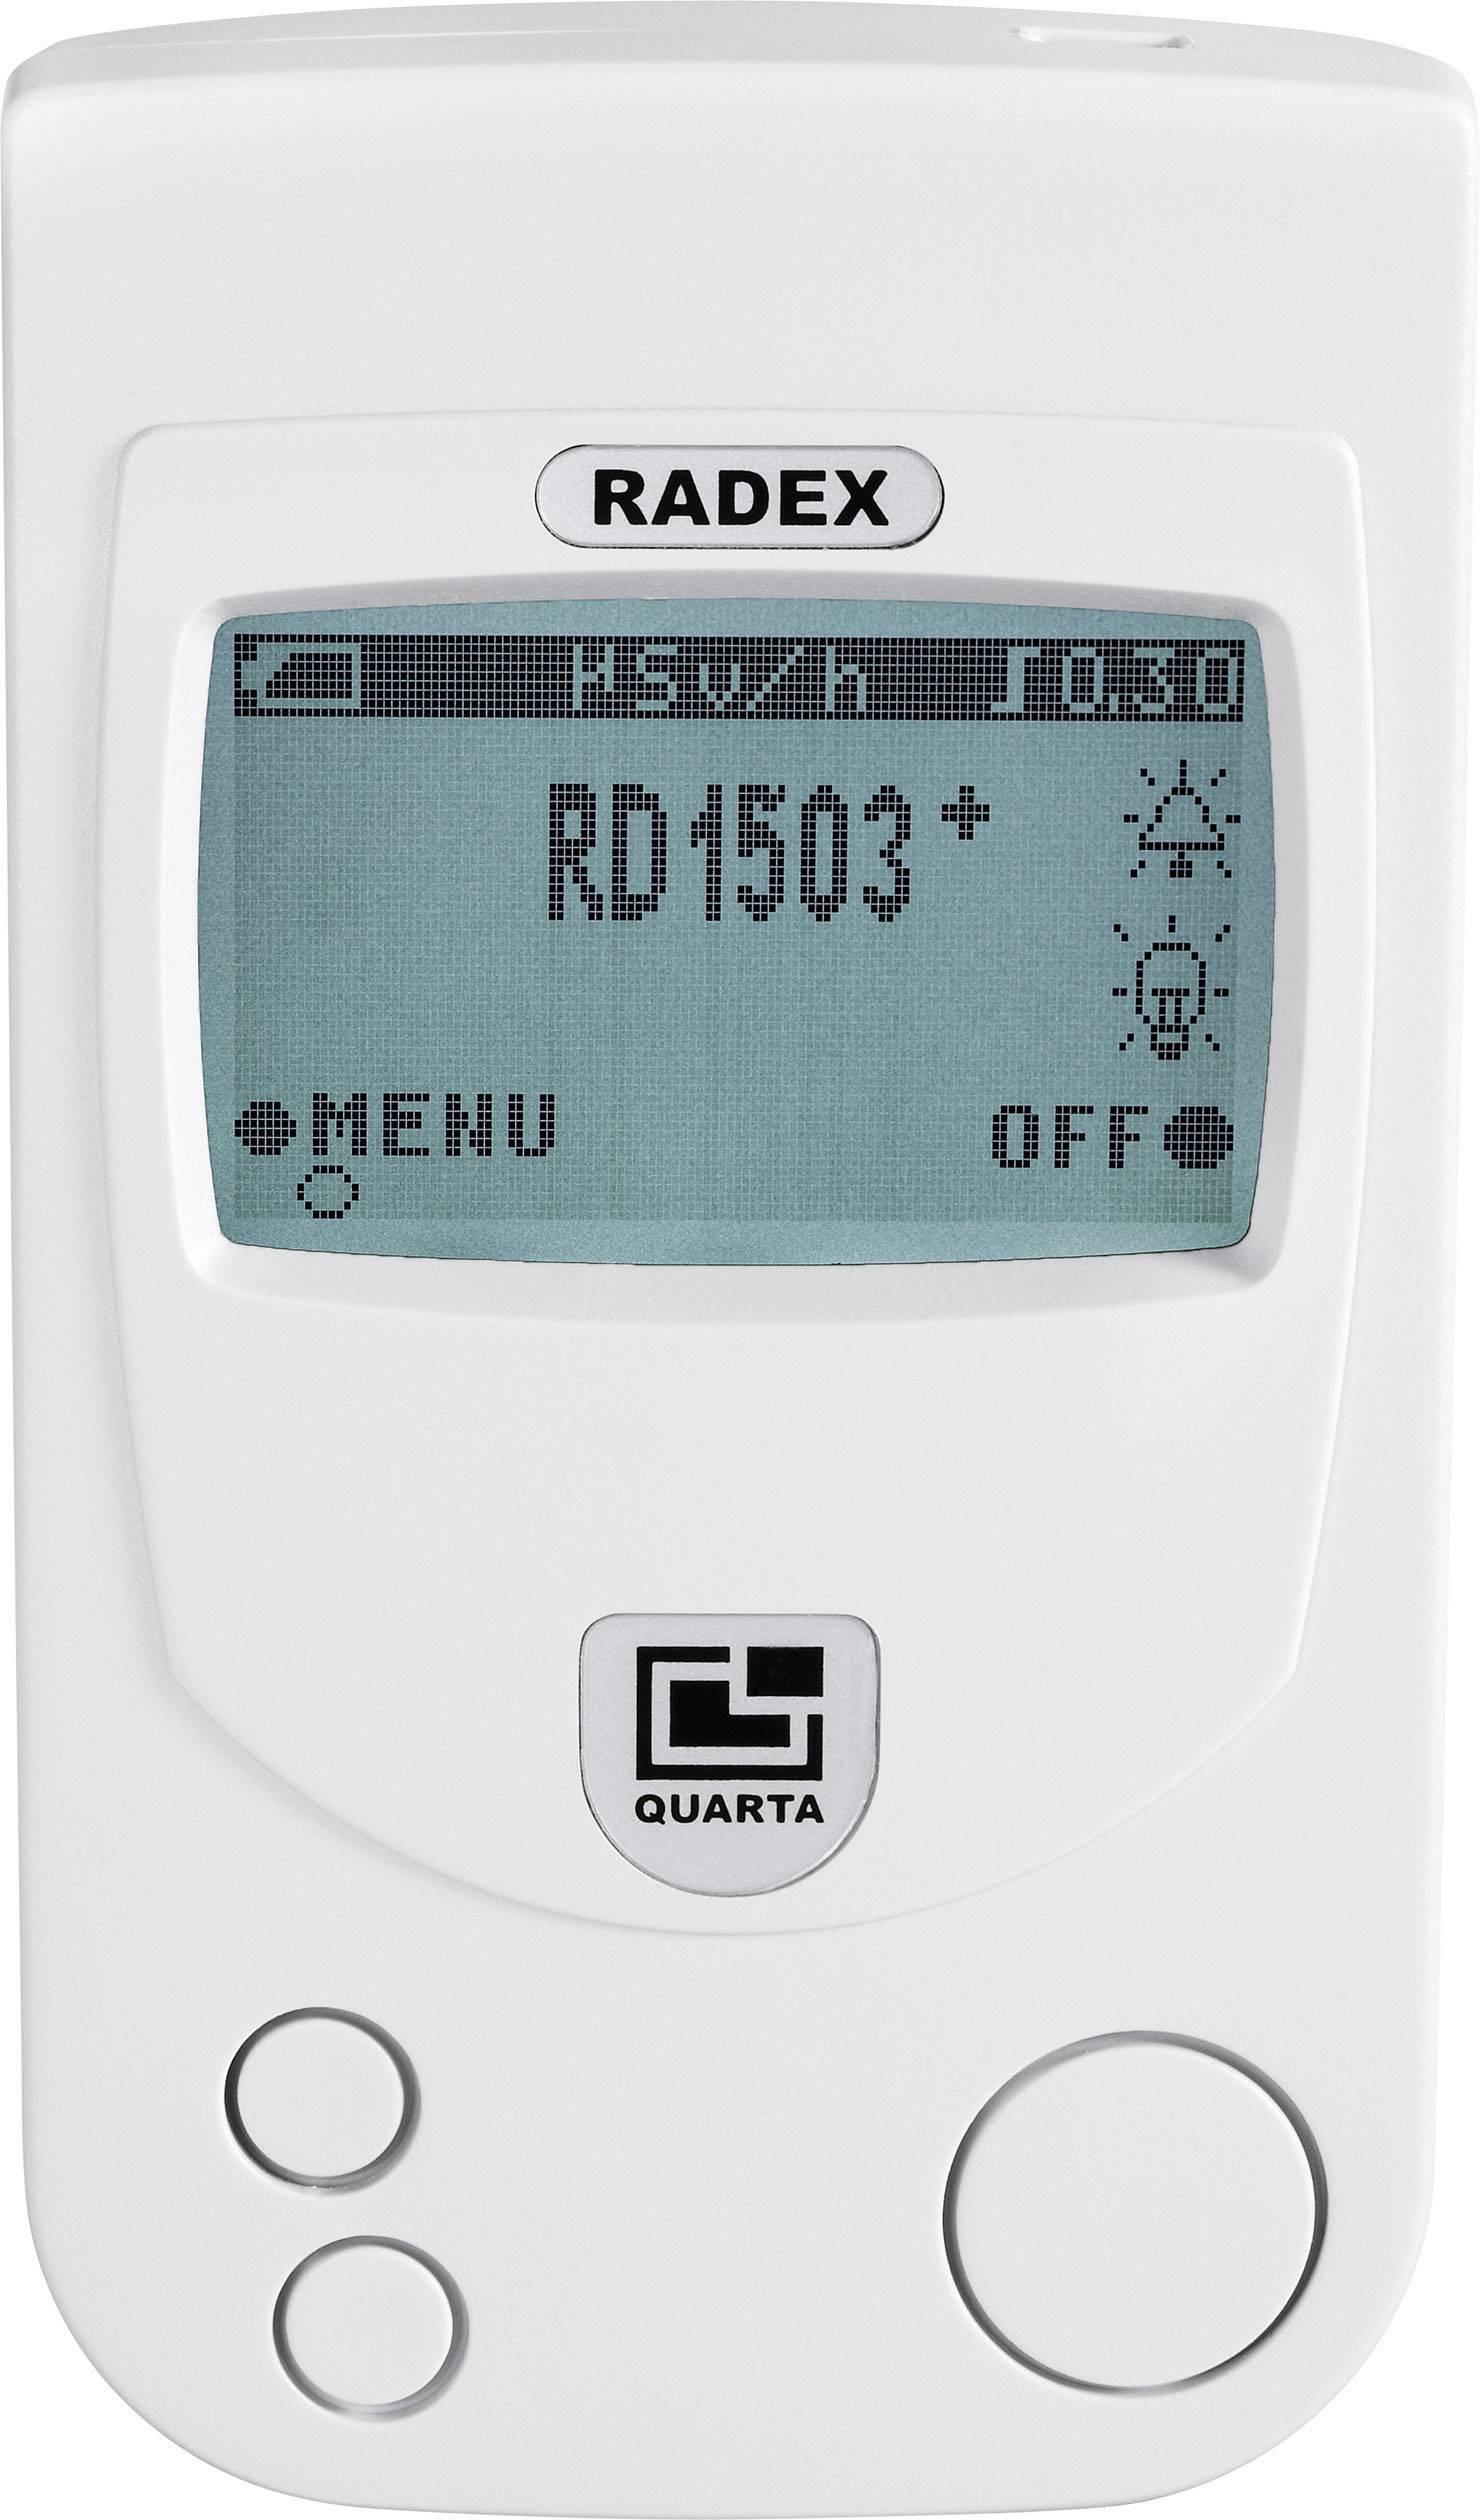 Geigerov čítač pre kontrolu rádioaktivity Radex RD1503 PLUS